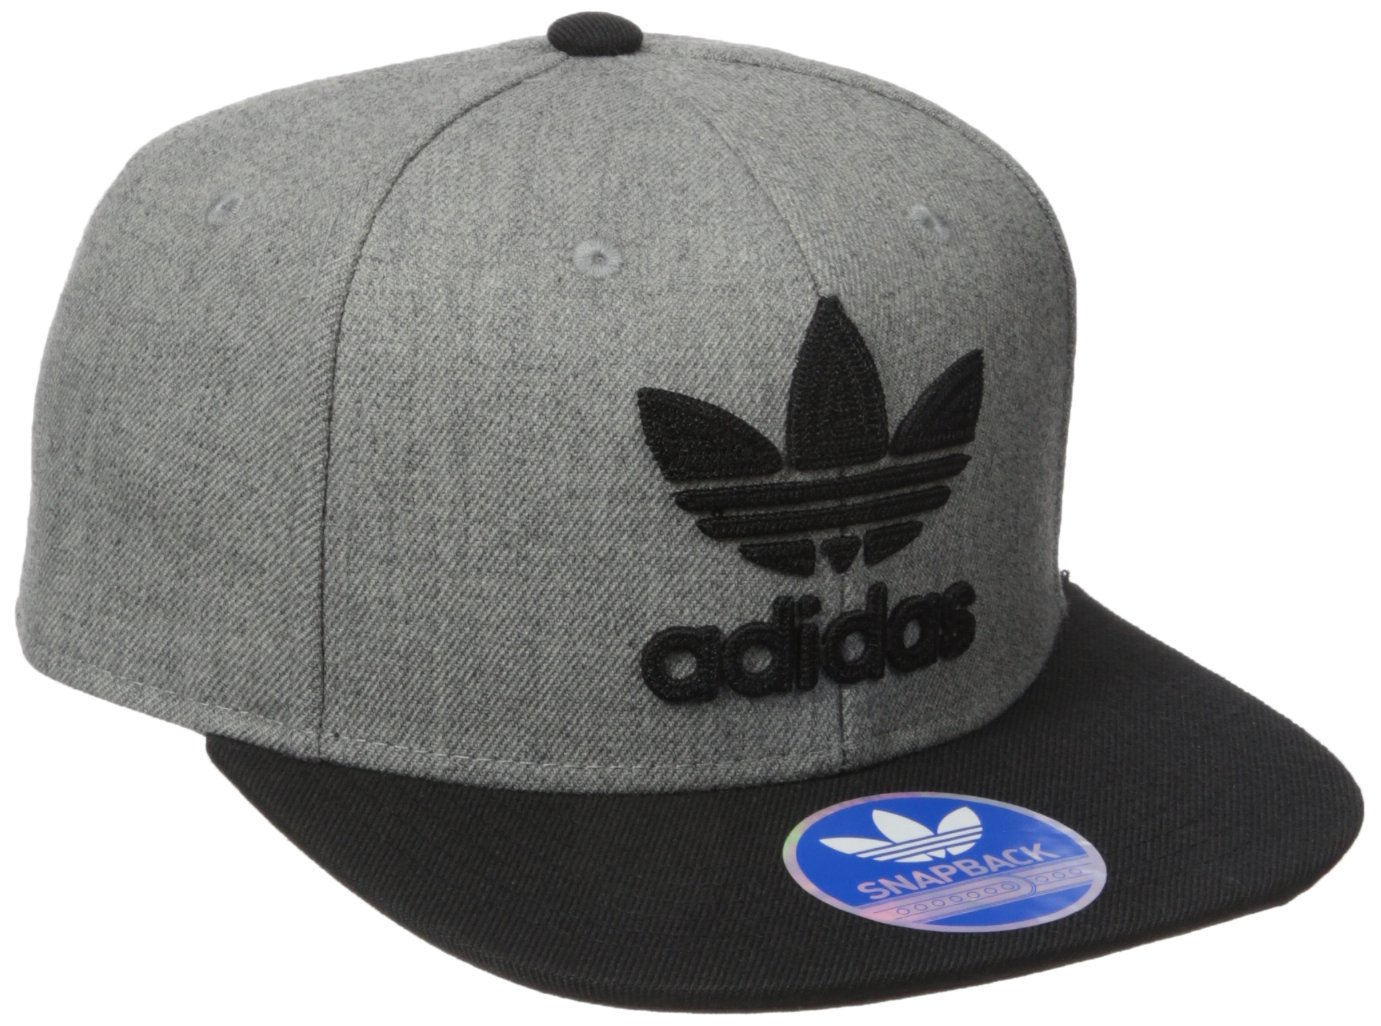 a8f54c06aaa Galleon - Adidas Men s Originals Snapback Flatbrim Cap